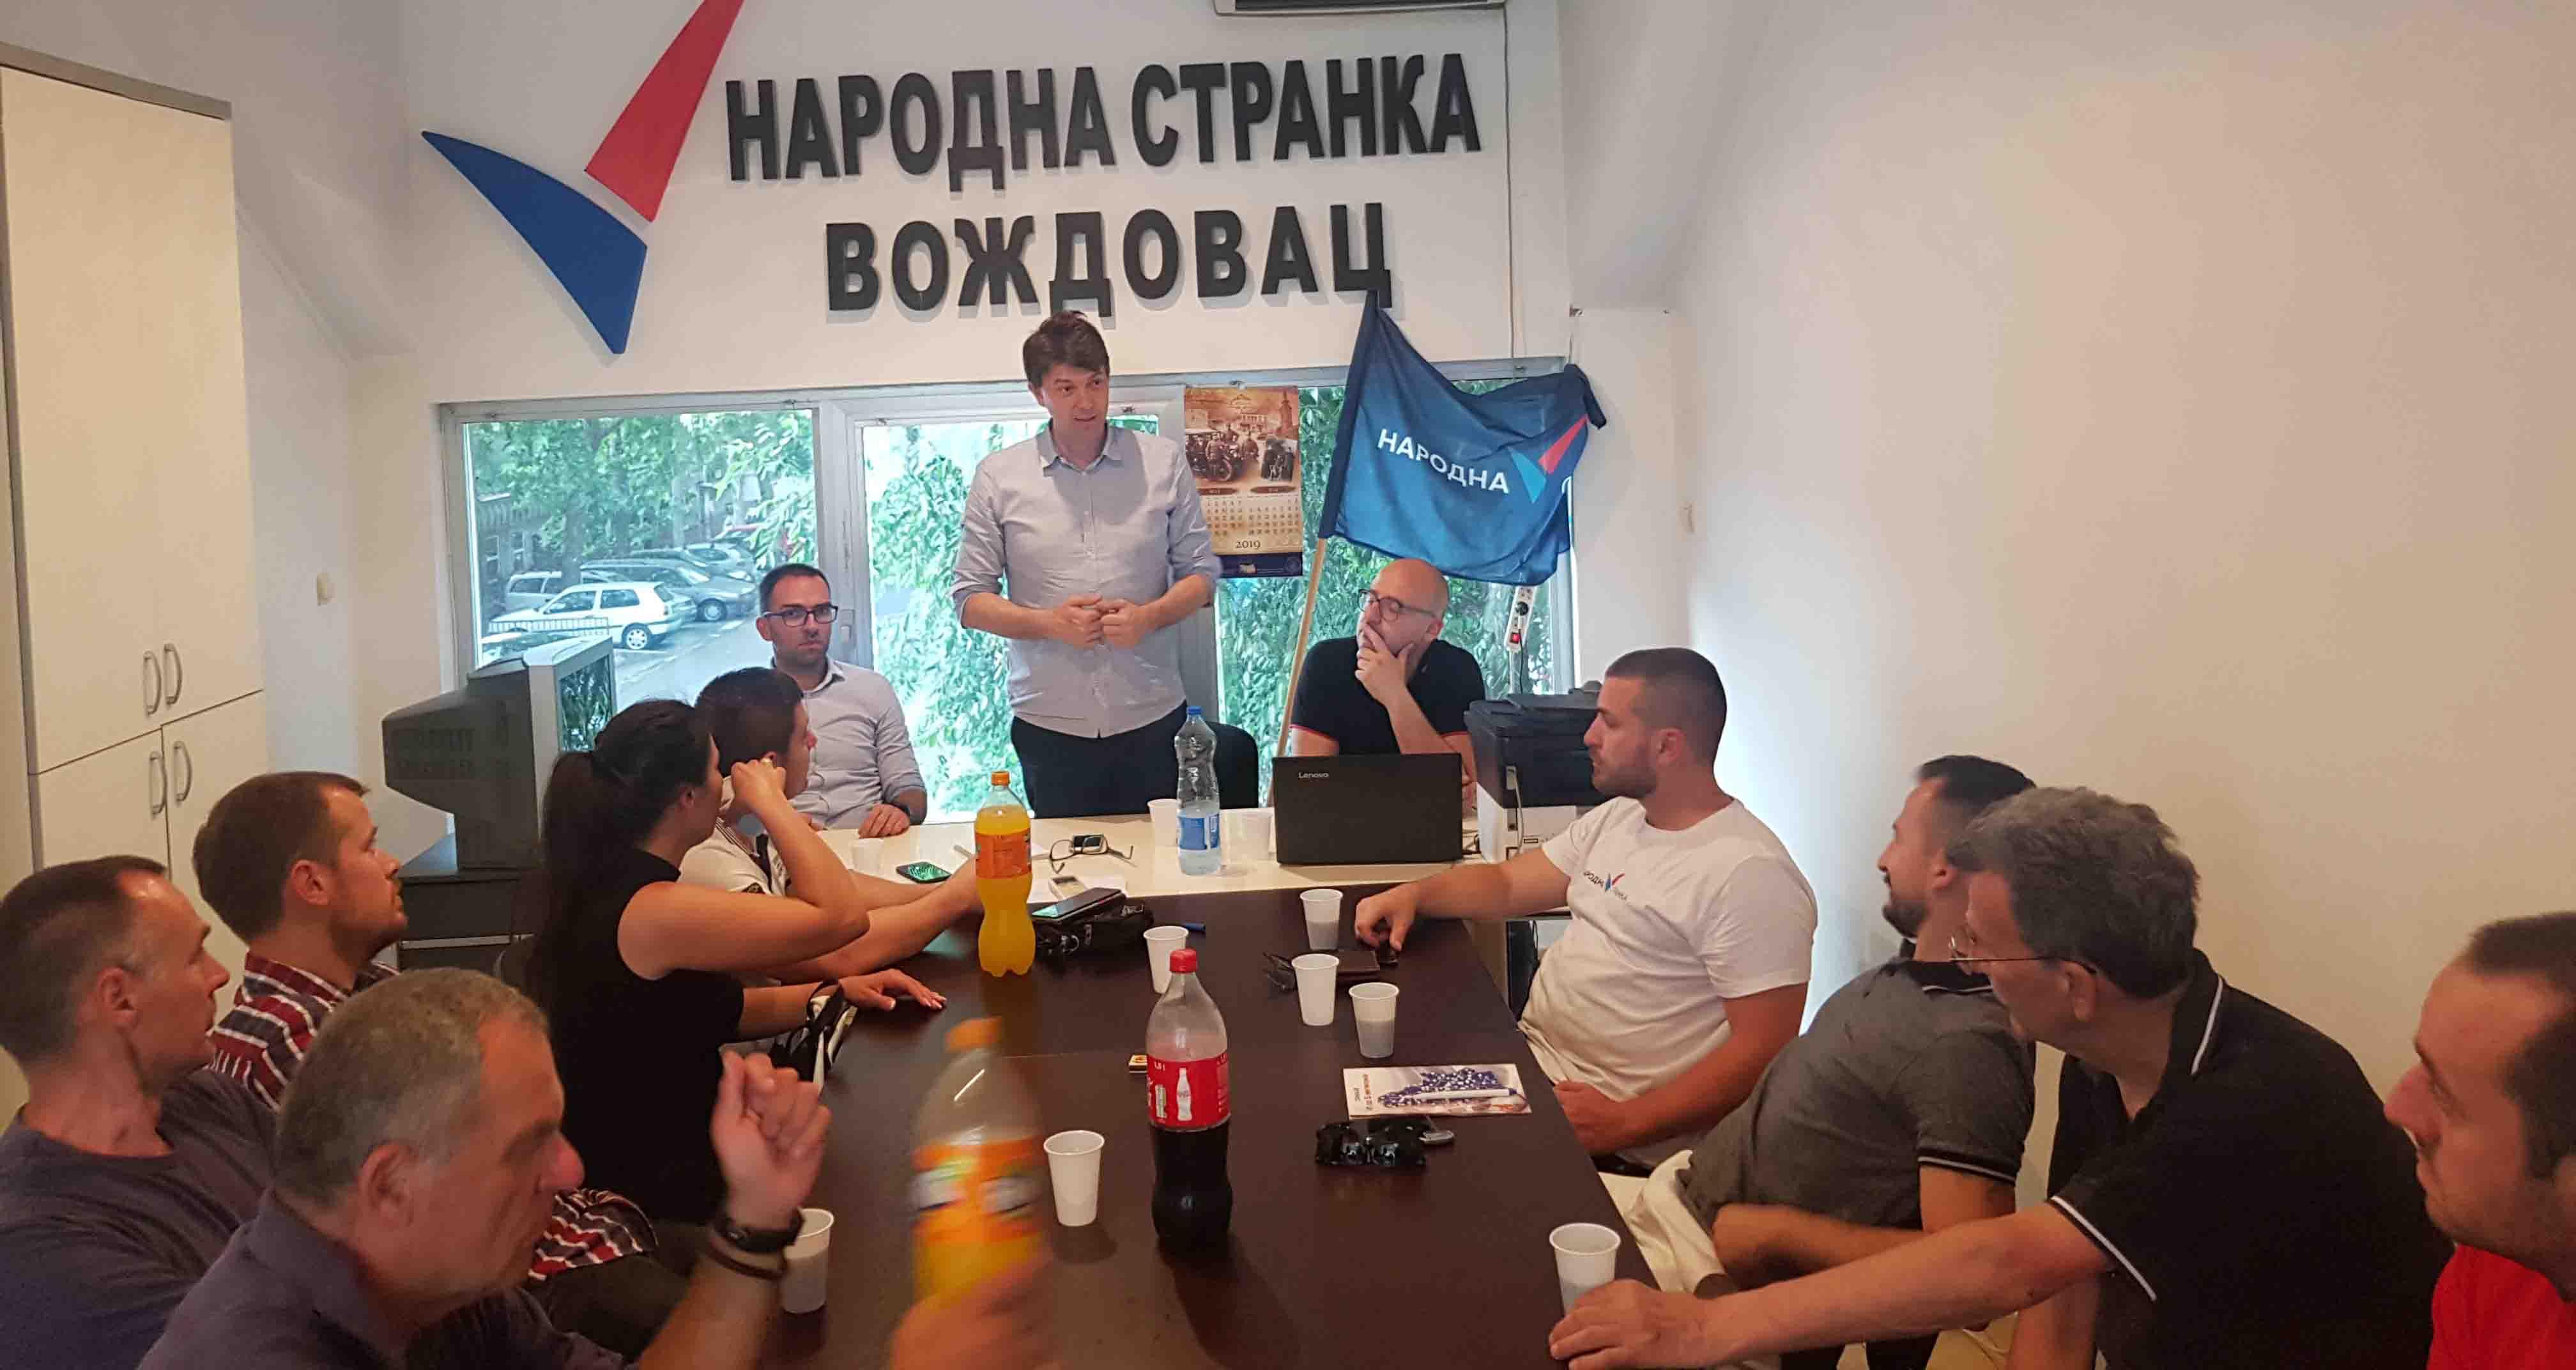 Јовановић: Напредњаци, због вас је Београд стао, ускоро ћете бити само ружна прошлост!